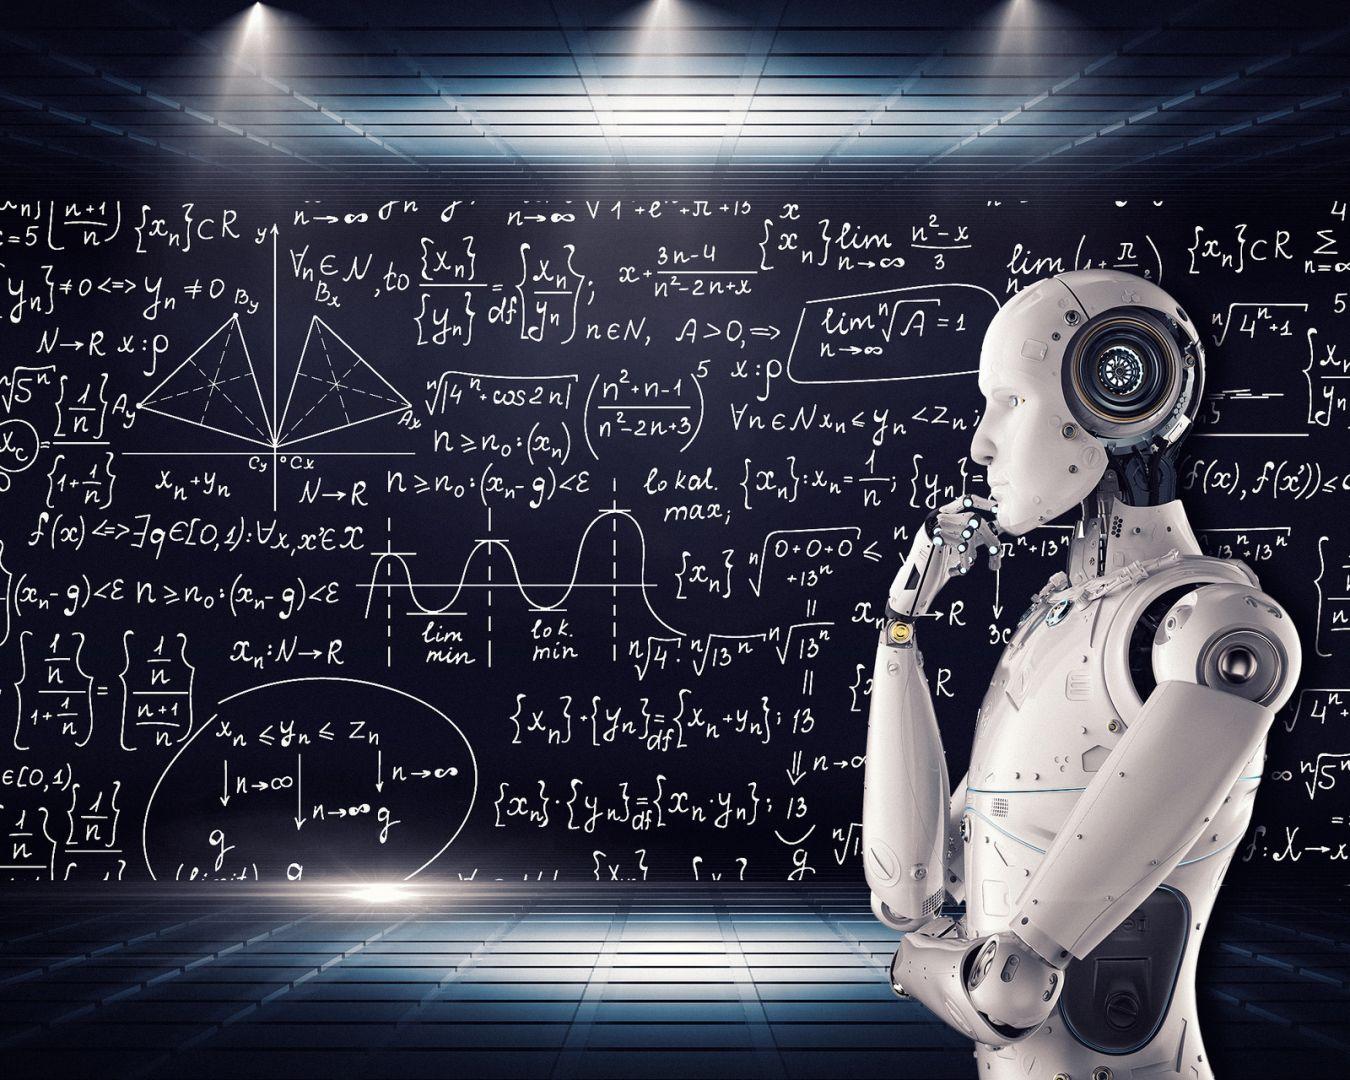 Quel impact l'intelligence artificielle peut-elle avoir dans le domaine de l'immobilier ?